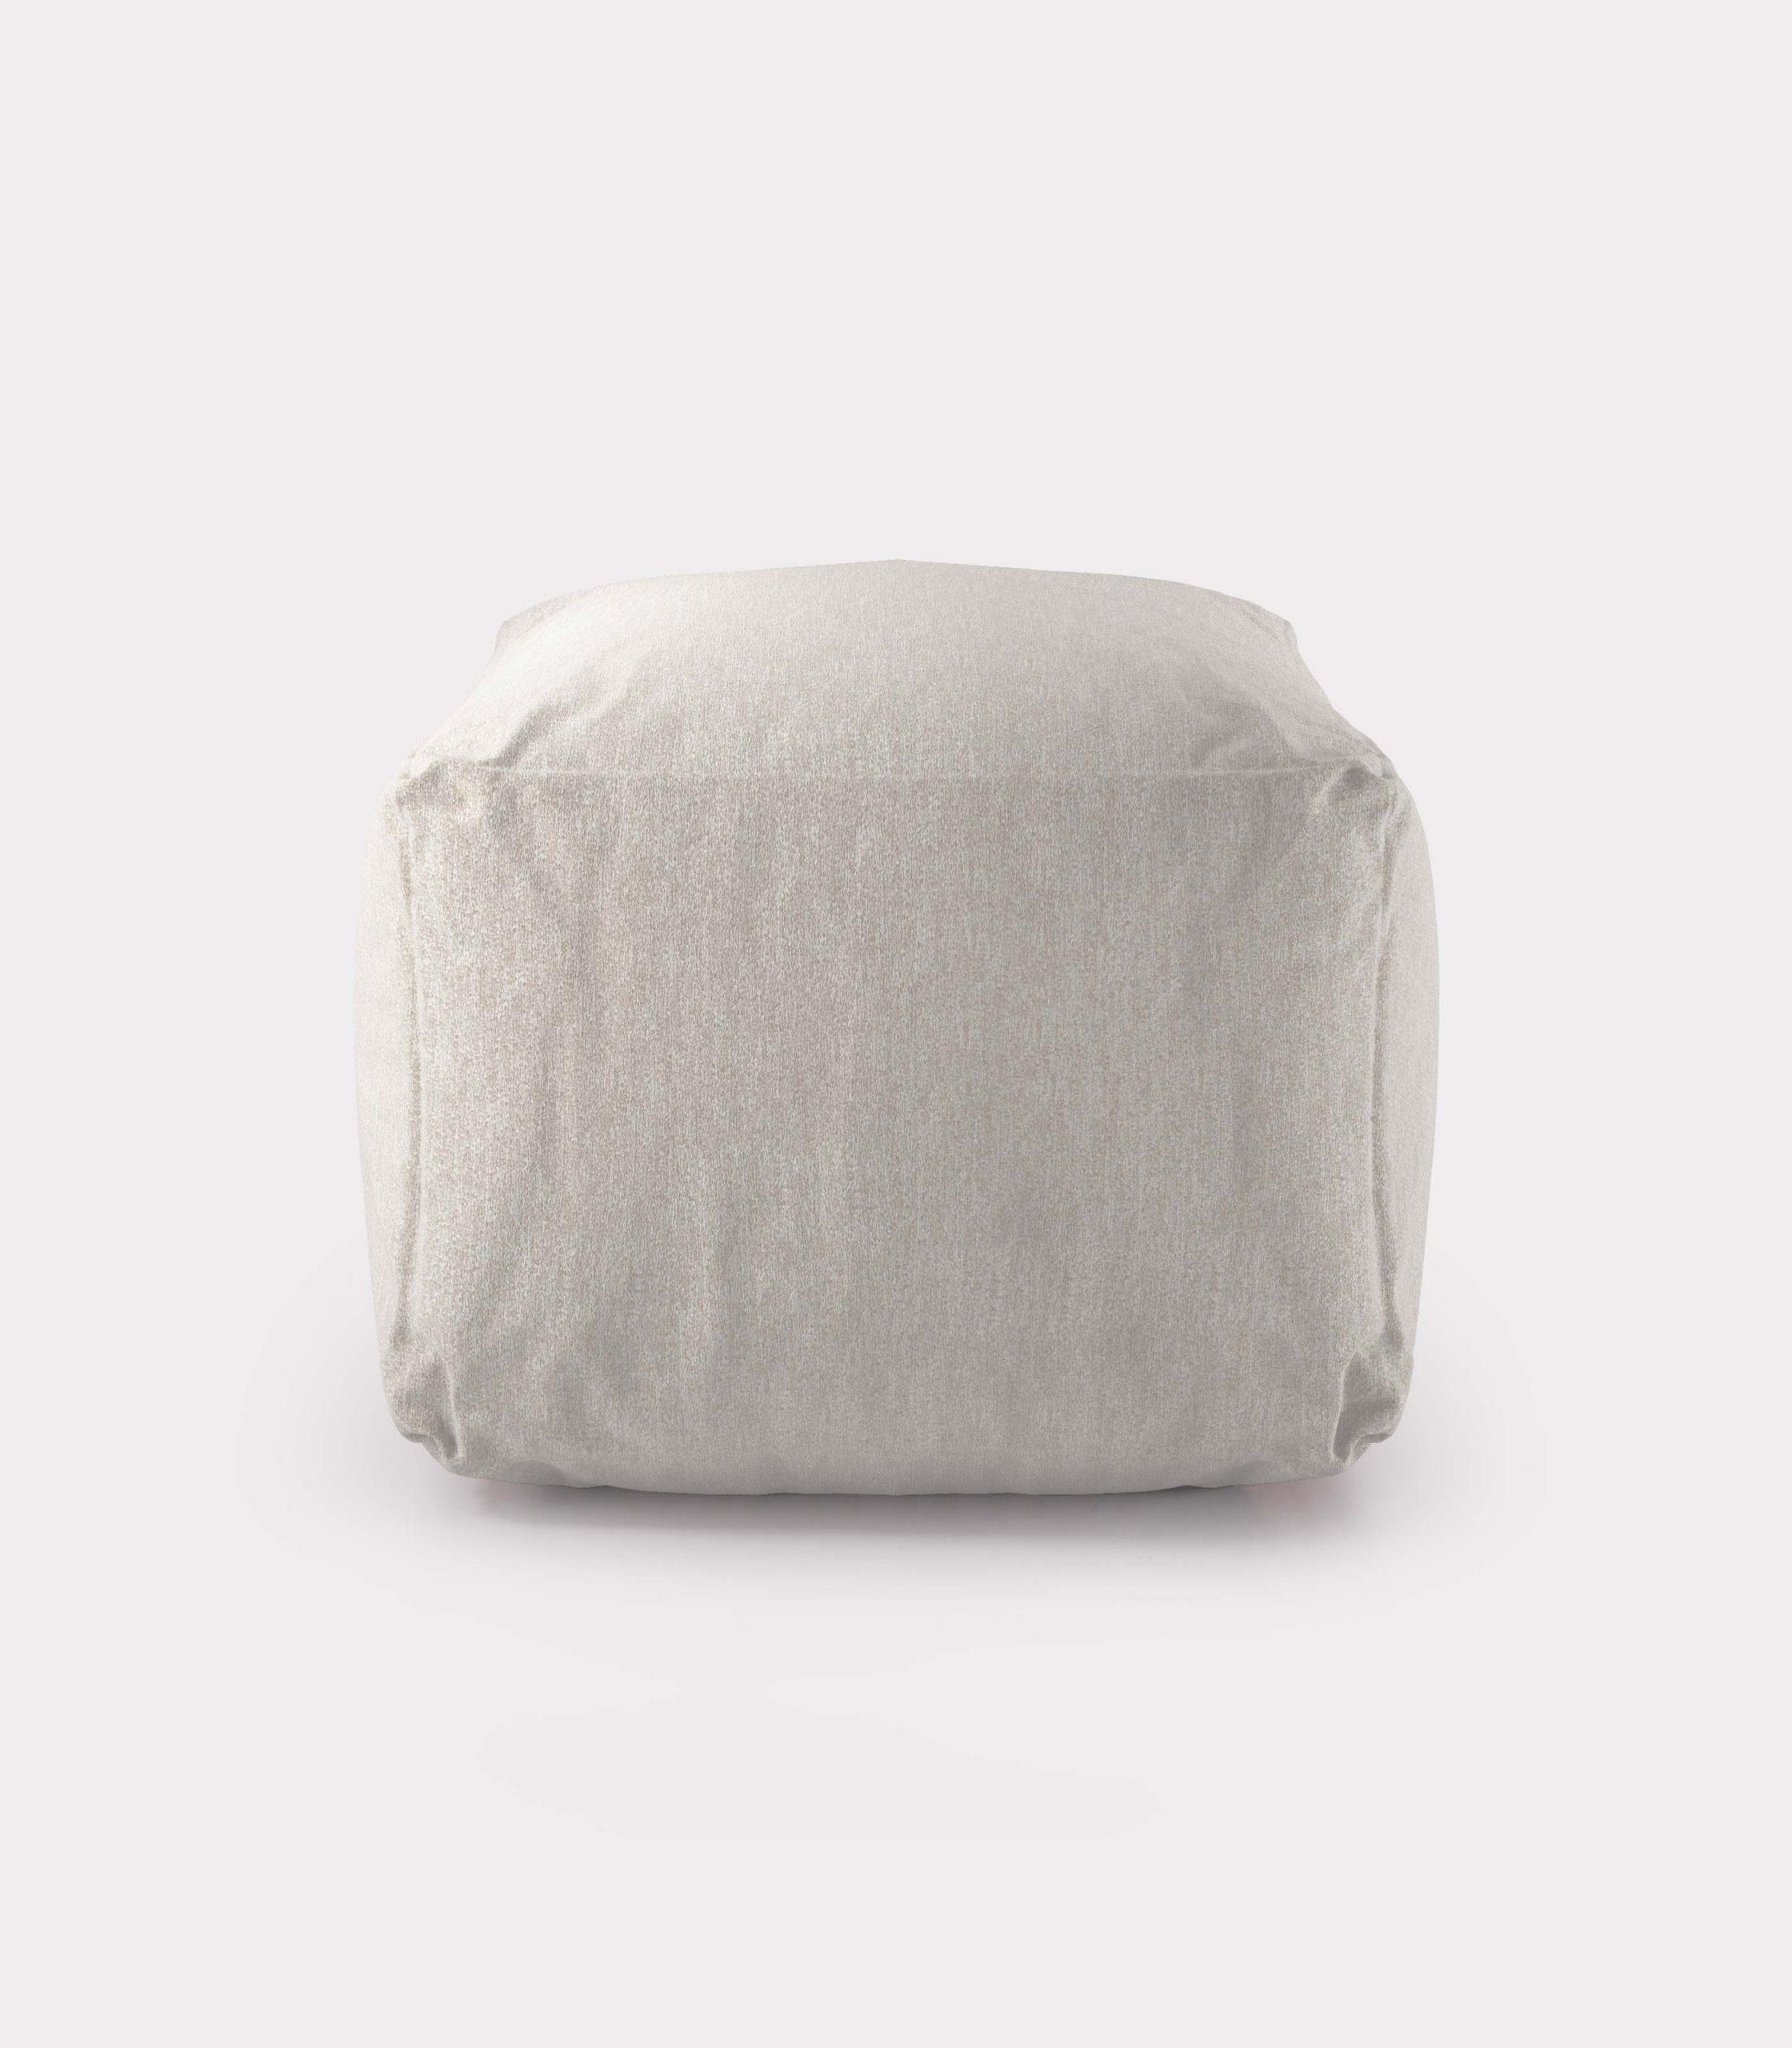 Polystyrene white pouf loopo milan design F